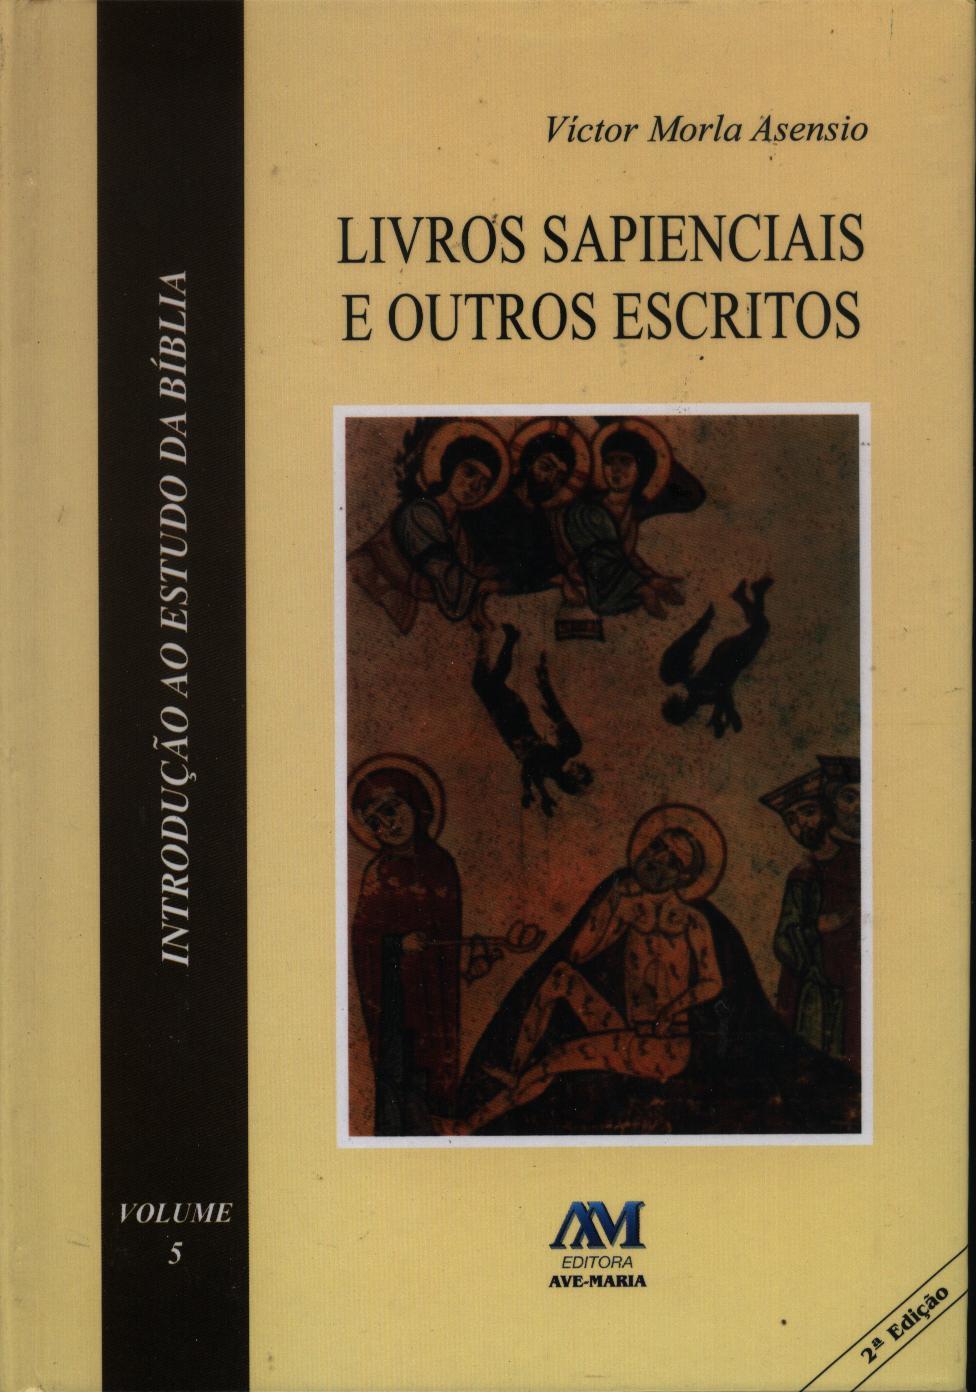 Livros sapienciais e outros escritos